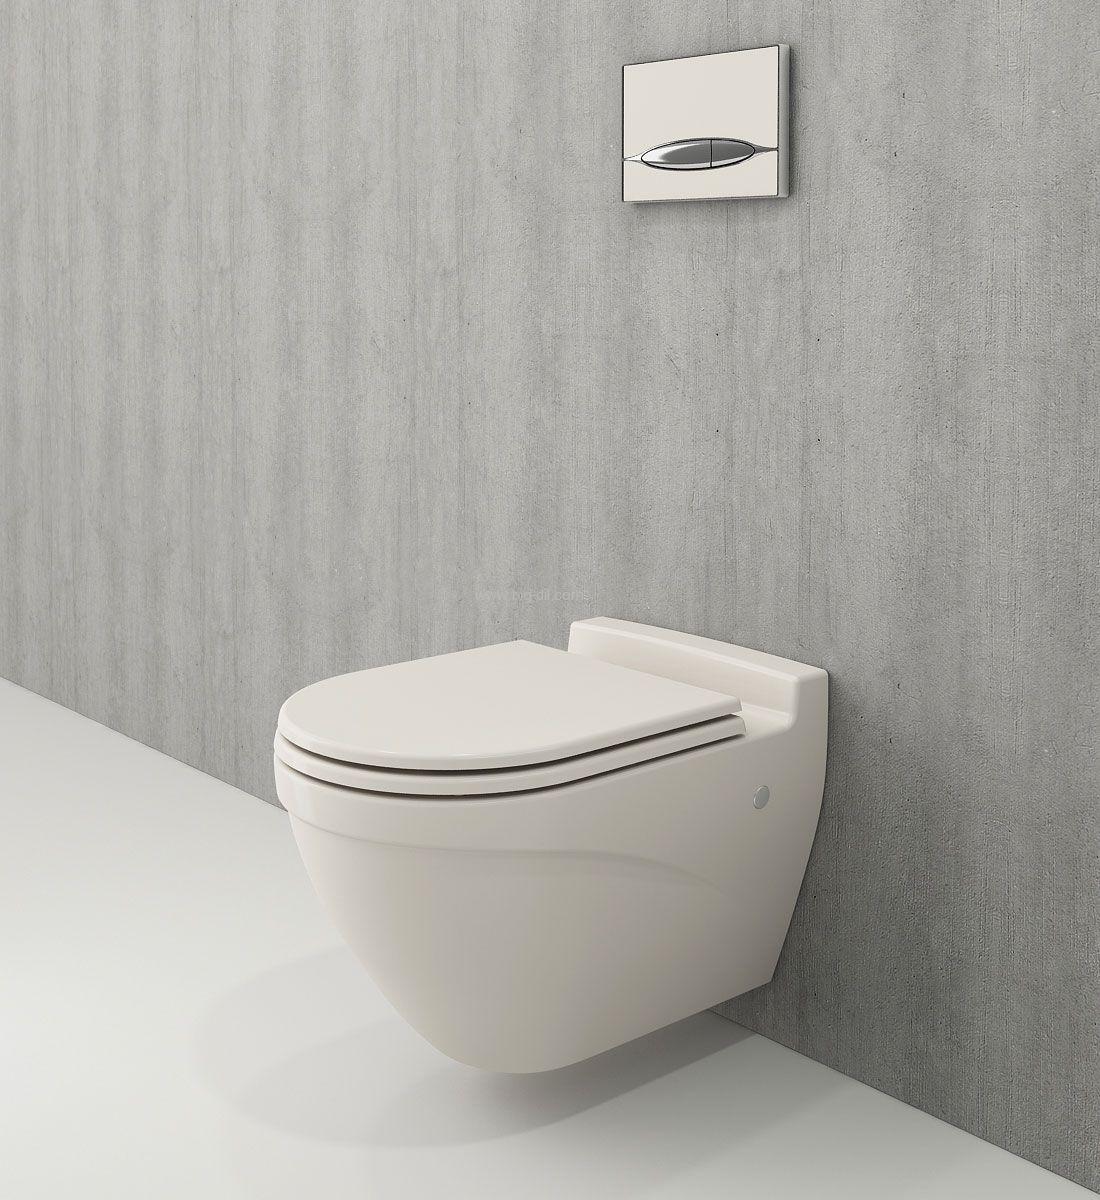 הגדול ביג דיל אסלה תלויה מבית BOCCHI דגם טורמינה | כיורי אמבטיה /אסלות KI-12